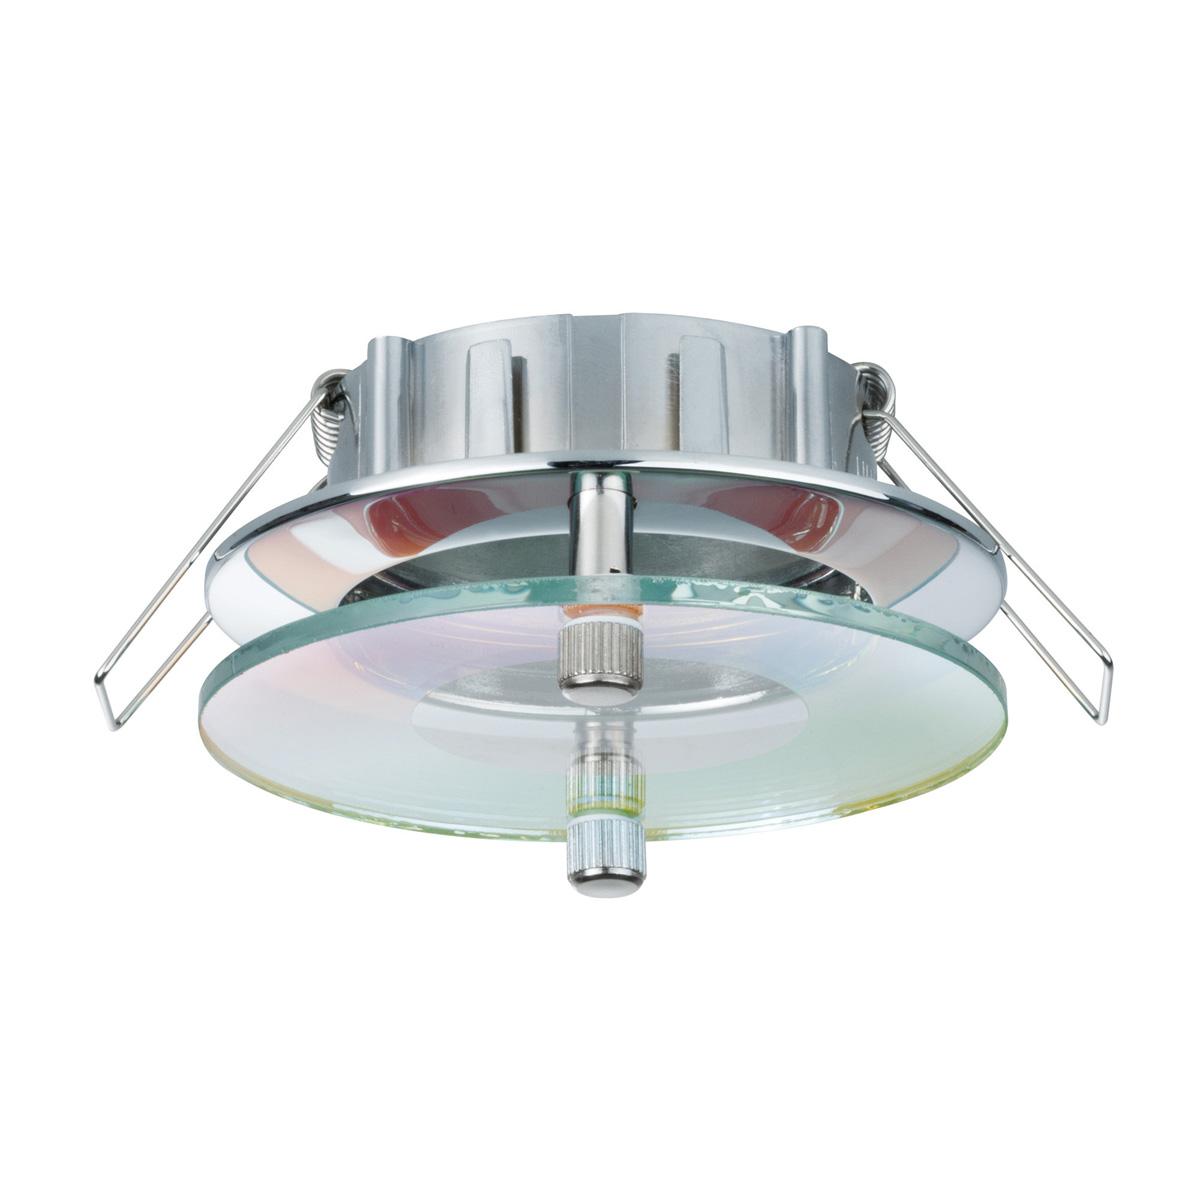 Купить Декоративный встраиваемый Набор из трех светильников 2Easy Premium EBL 3er Spot Level starr 92663, Paulmann, Германия